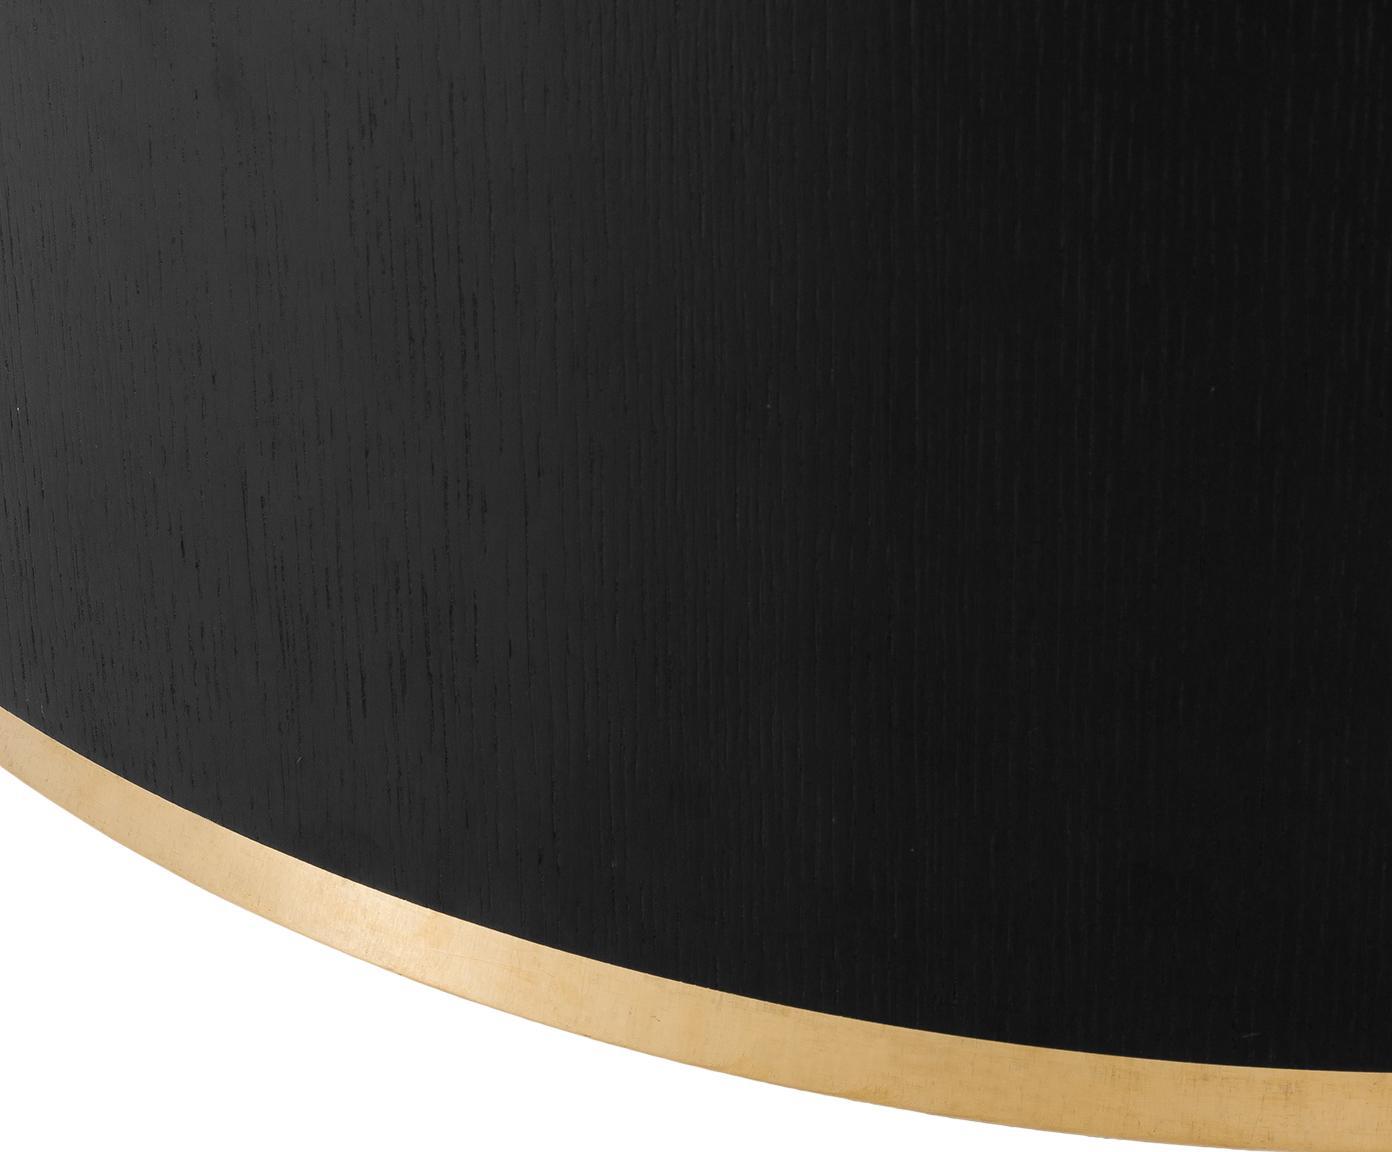 Grote salontafel Clarice in zwart, Frame: MDF met eikenhoutfineer, Voet: gecoat metaal, Frame: zwart gelakt eikenhout. Voet: goudkleurig, Ø 100 x H 36 cm